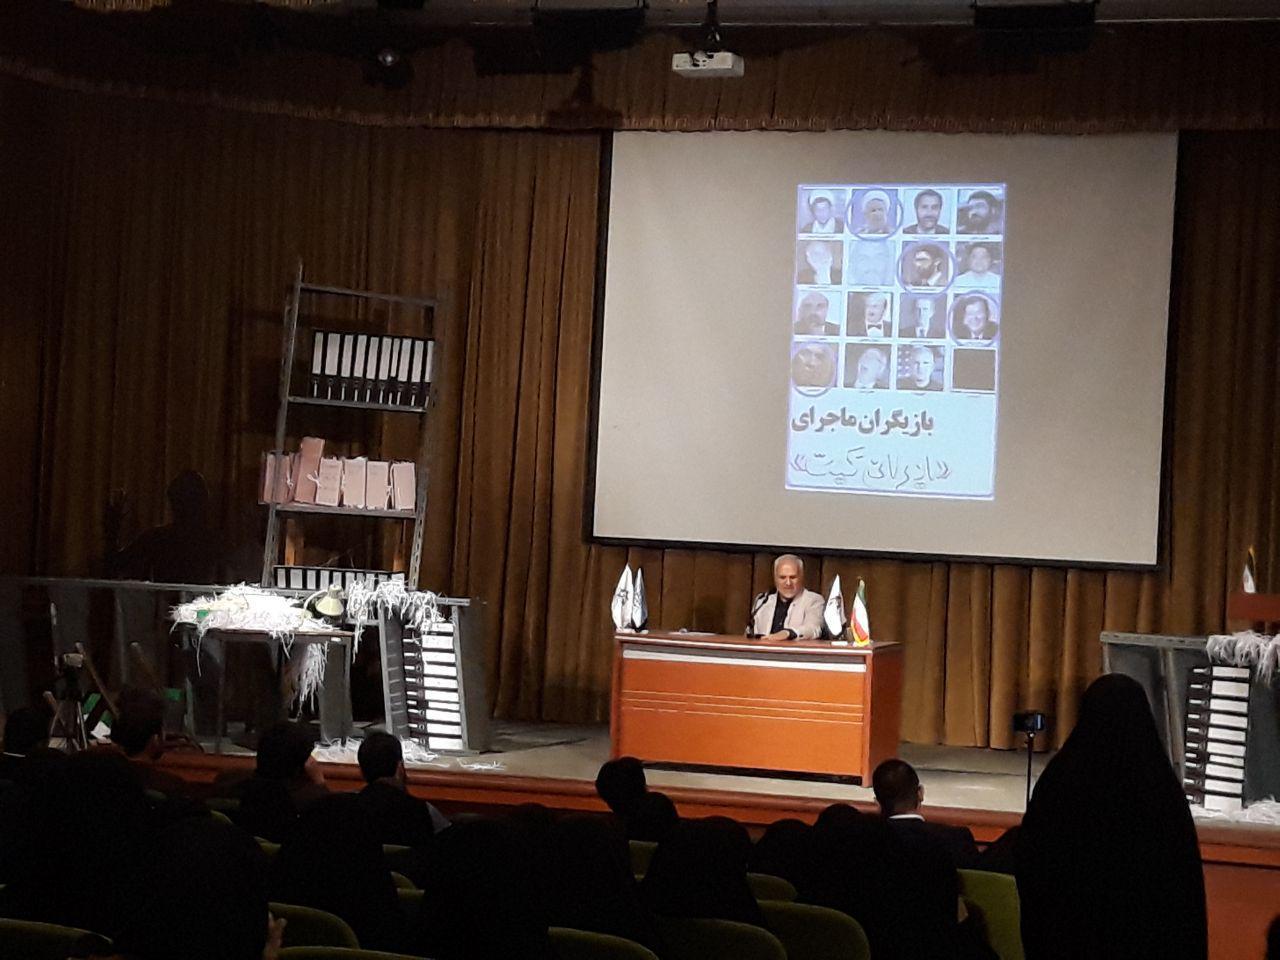 روایتی متفاوت از یک مراسم دانشجویی متفاوت/ ماجرای یک دکور سینمایی